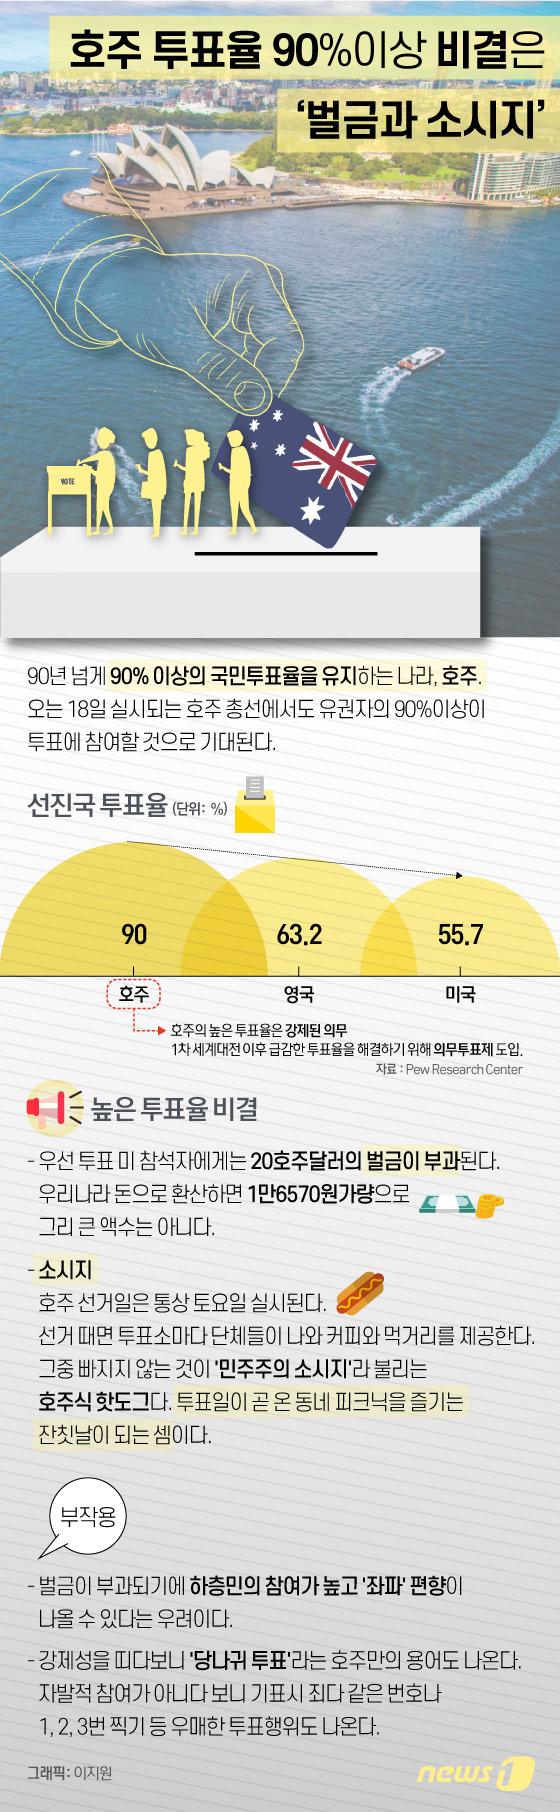 [그래픽뉴스] 호주 투표율 90%이상 비결